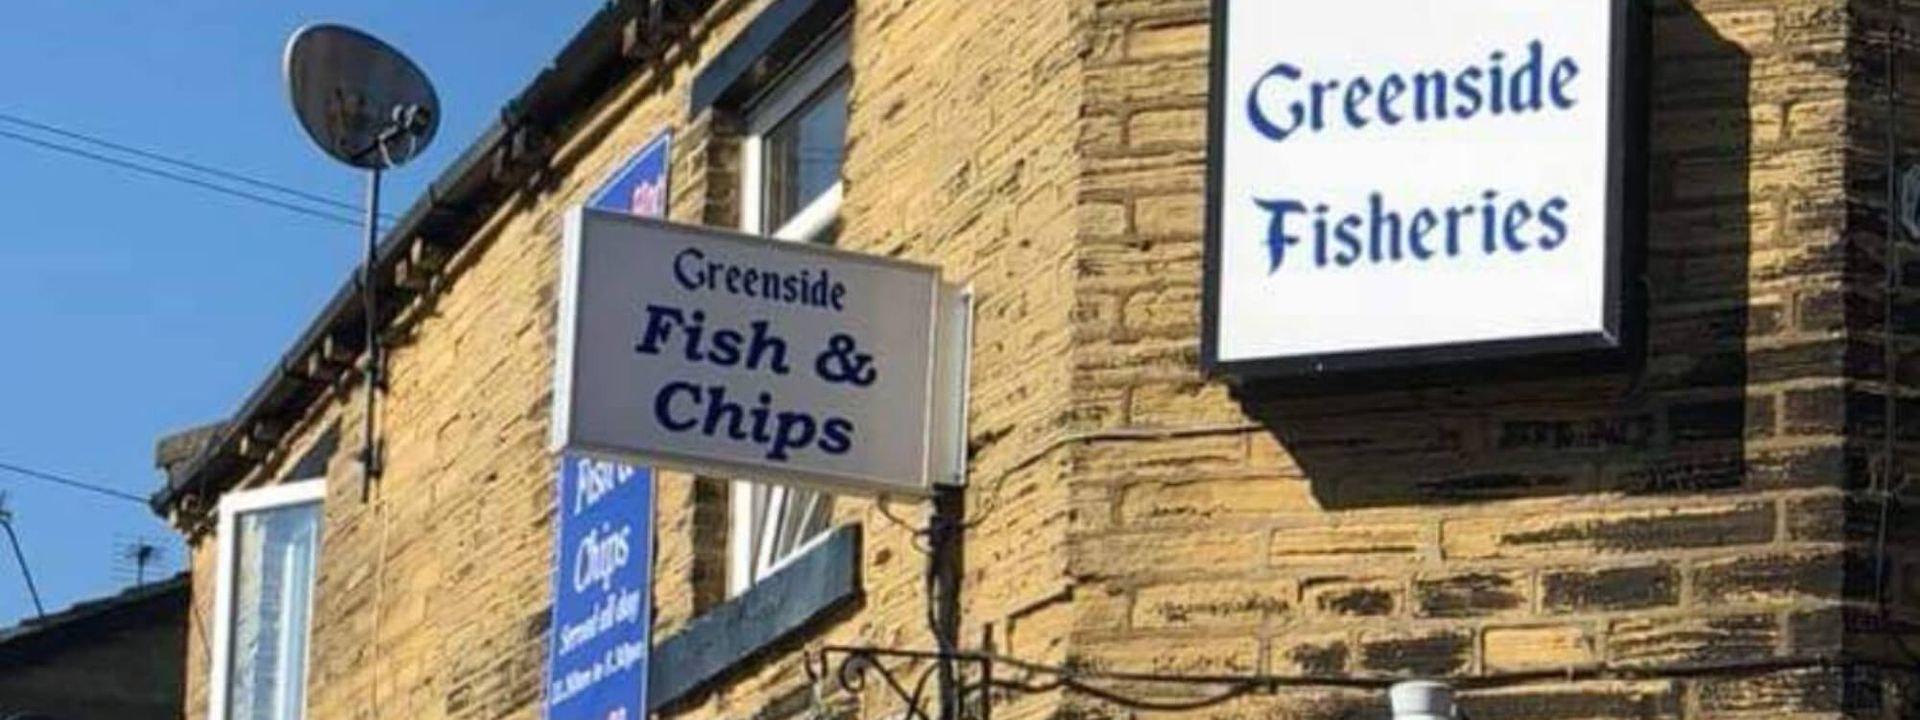 Greenside Fisheries Pudsey